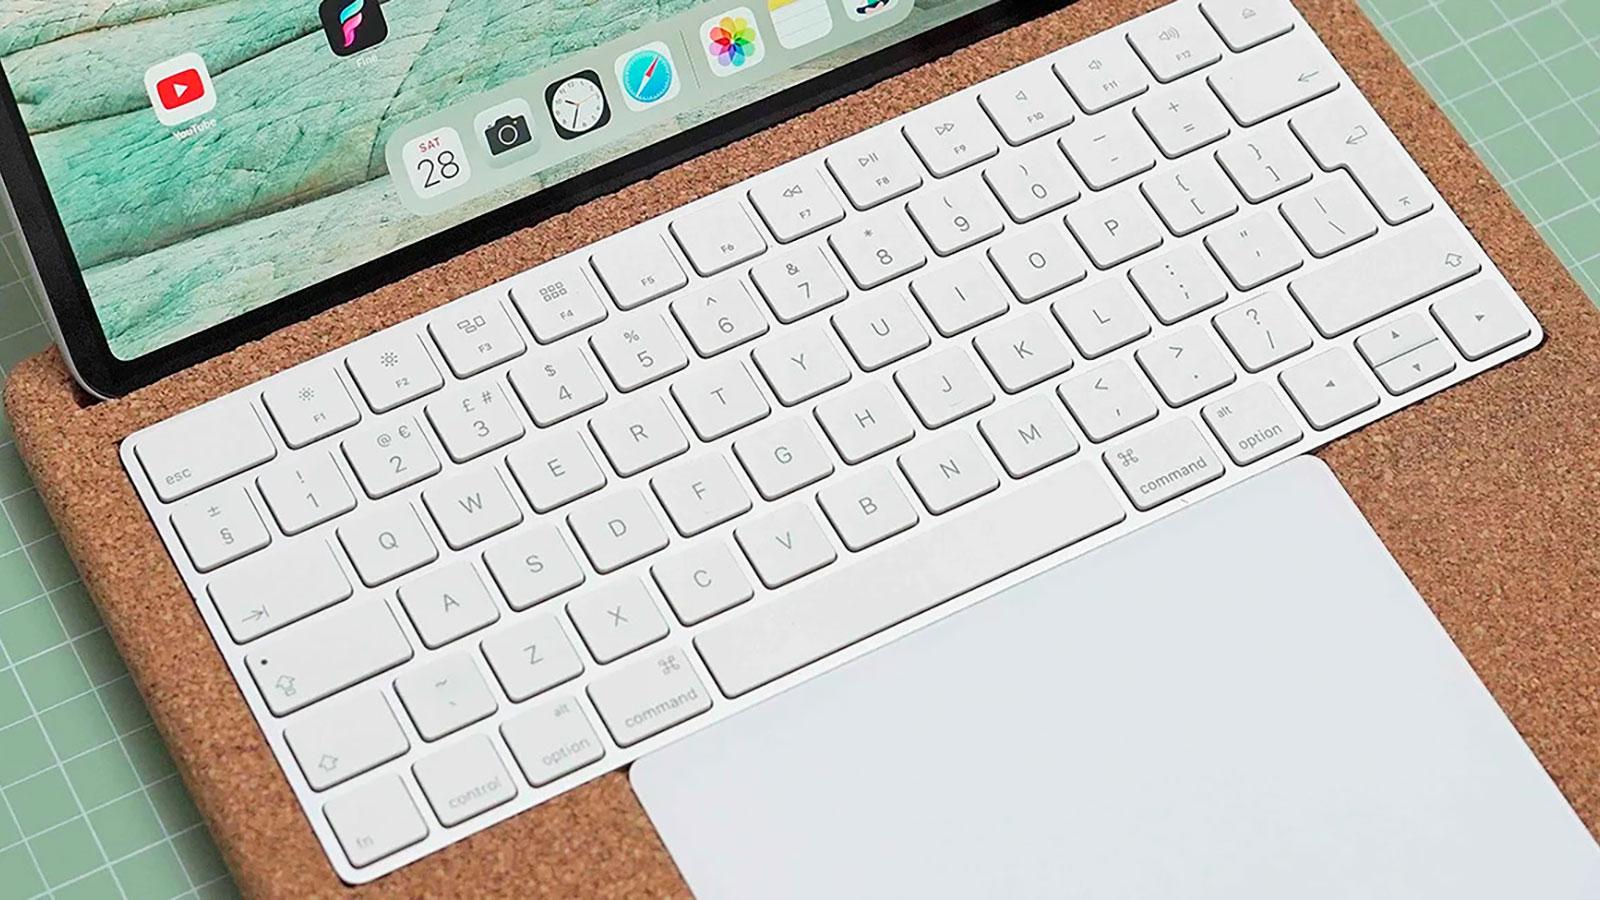 MAJEE transforma seu iPad em uma estação de trabalho sustentável